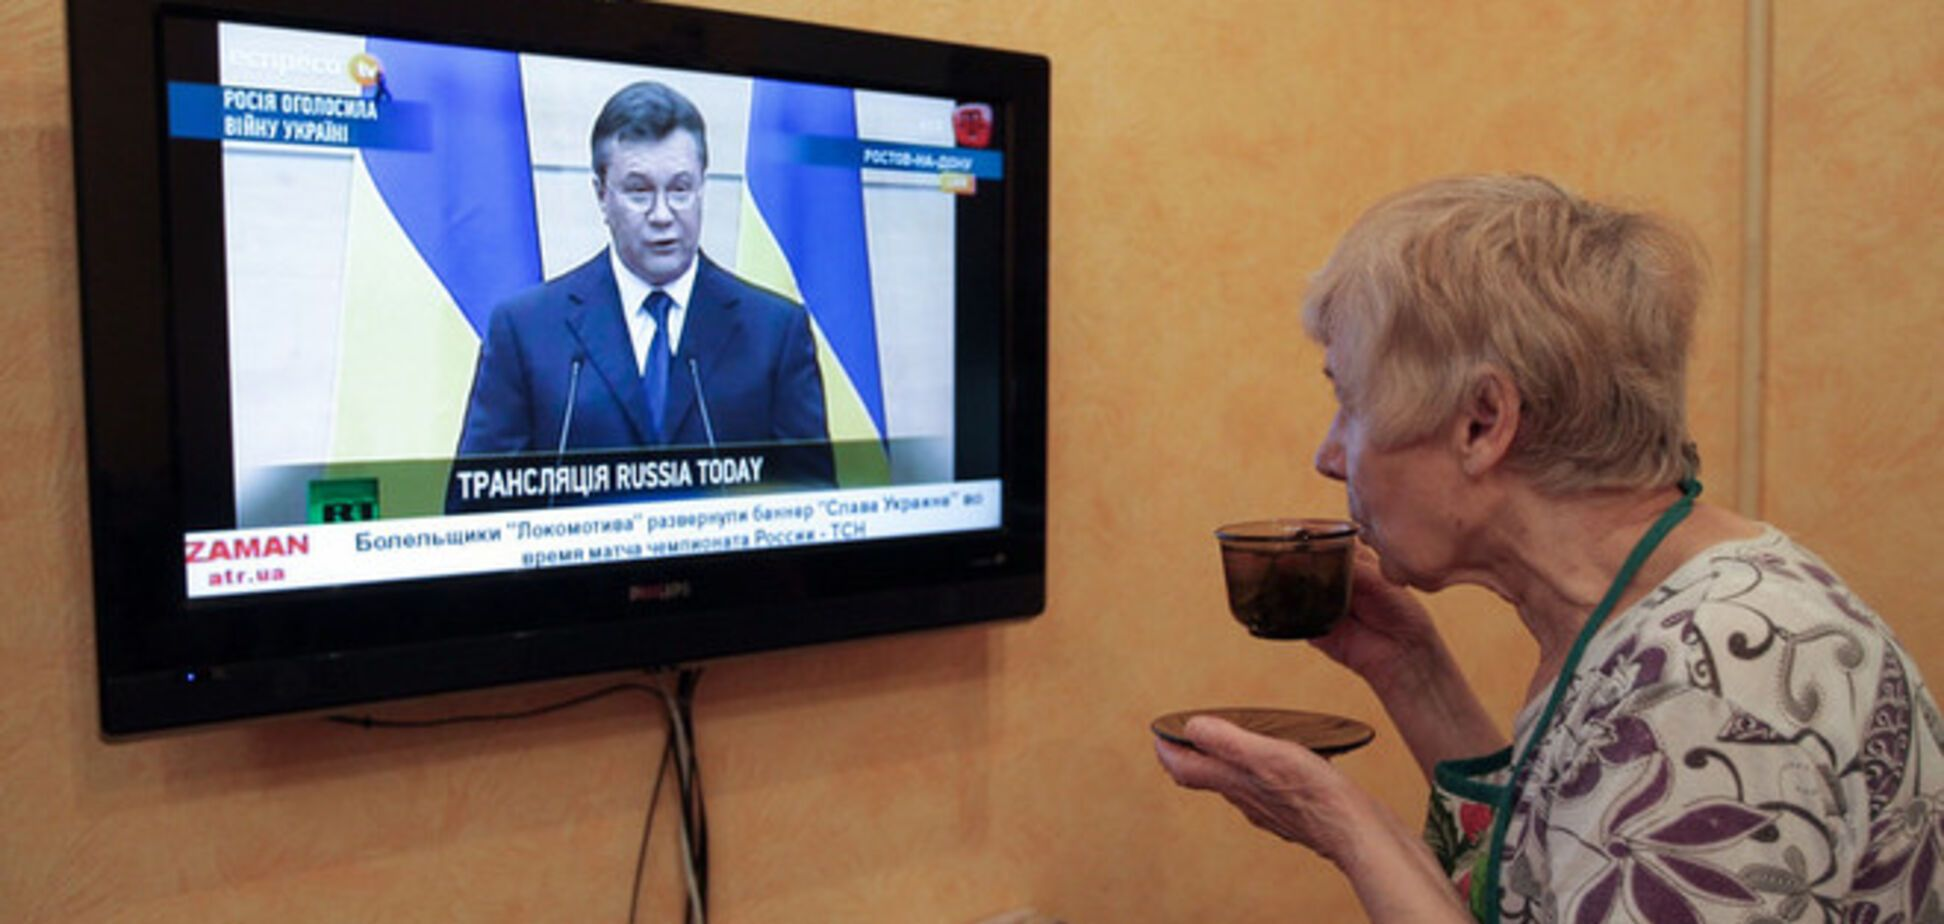 Возвращение 'легитимного' отменяется: пресс-конференция Януковича оказалась фейком